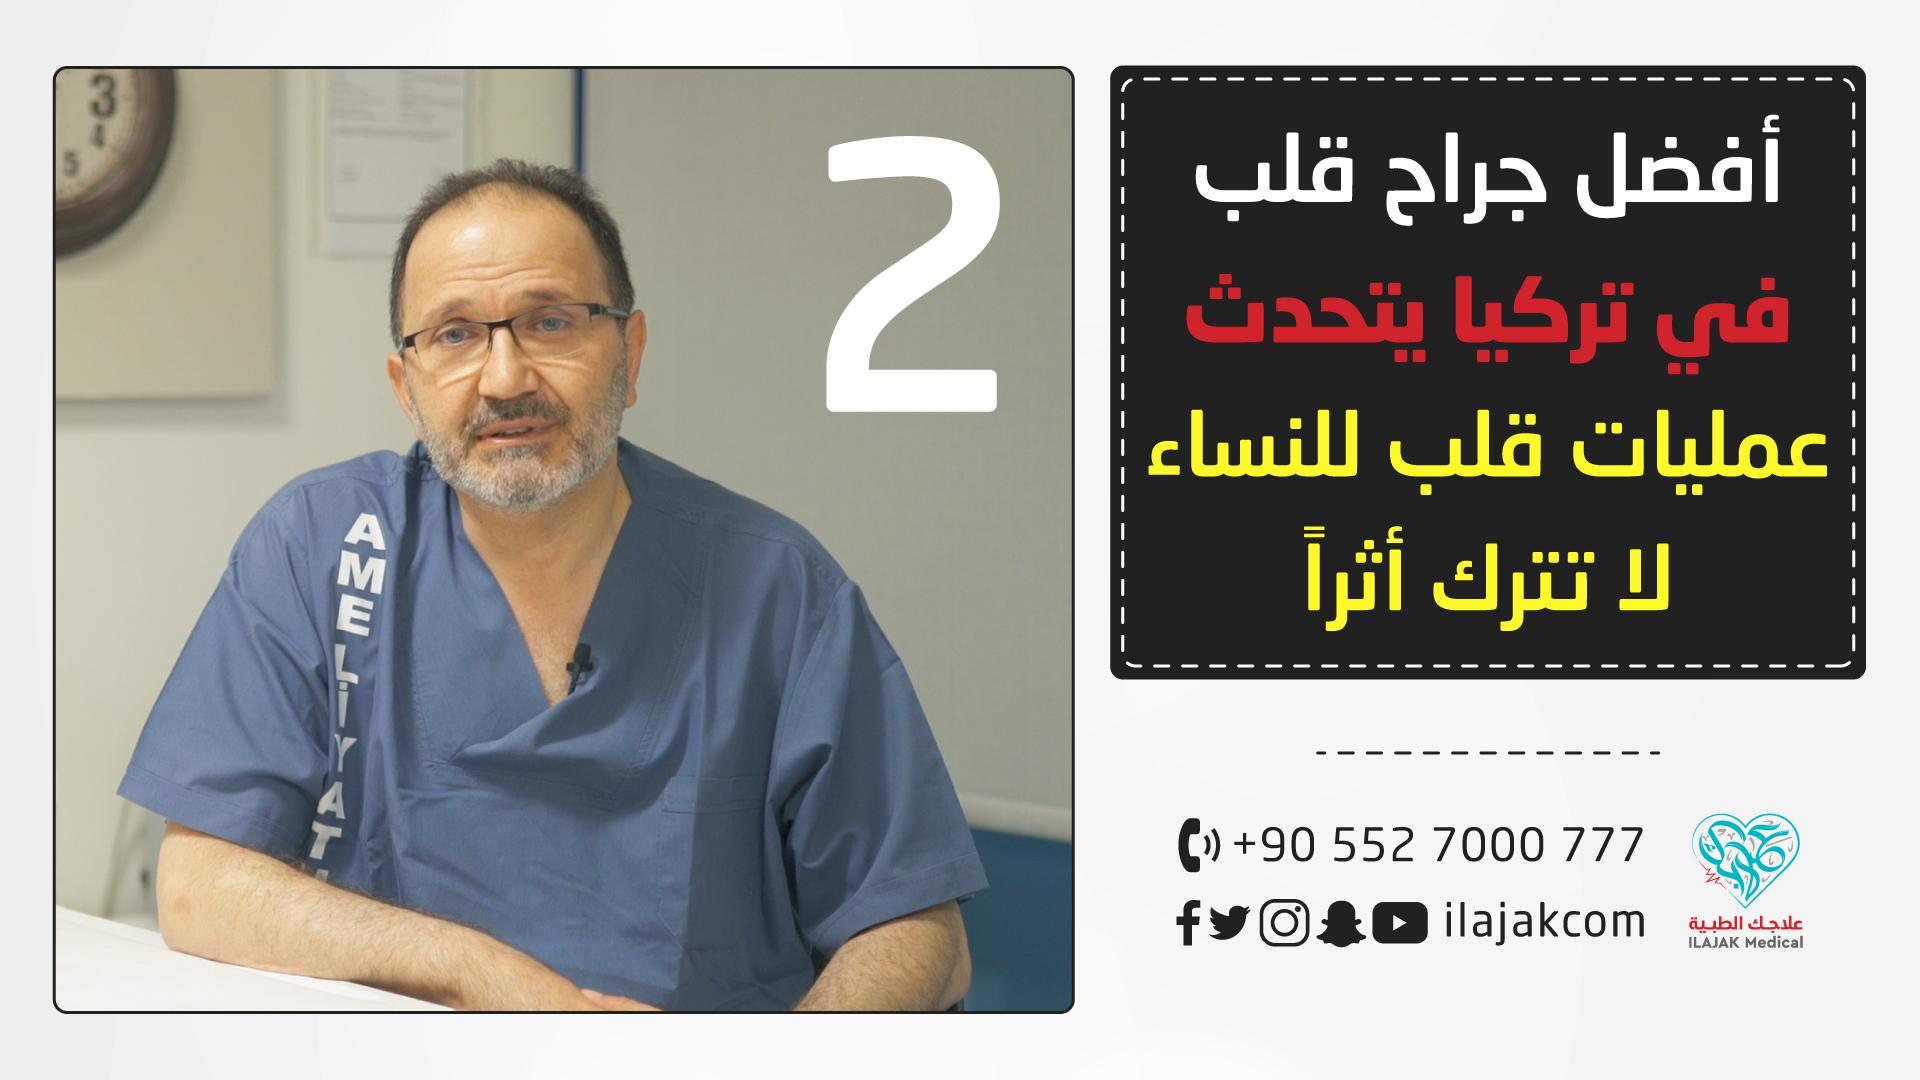 شاهد أفضل جراح قلب في تركيا يتحدث || عمليات قلب للنساء لا تترك أثراً 02